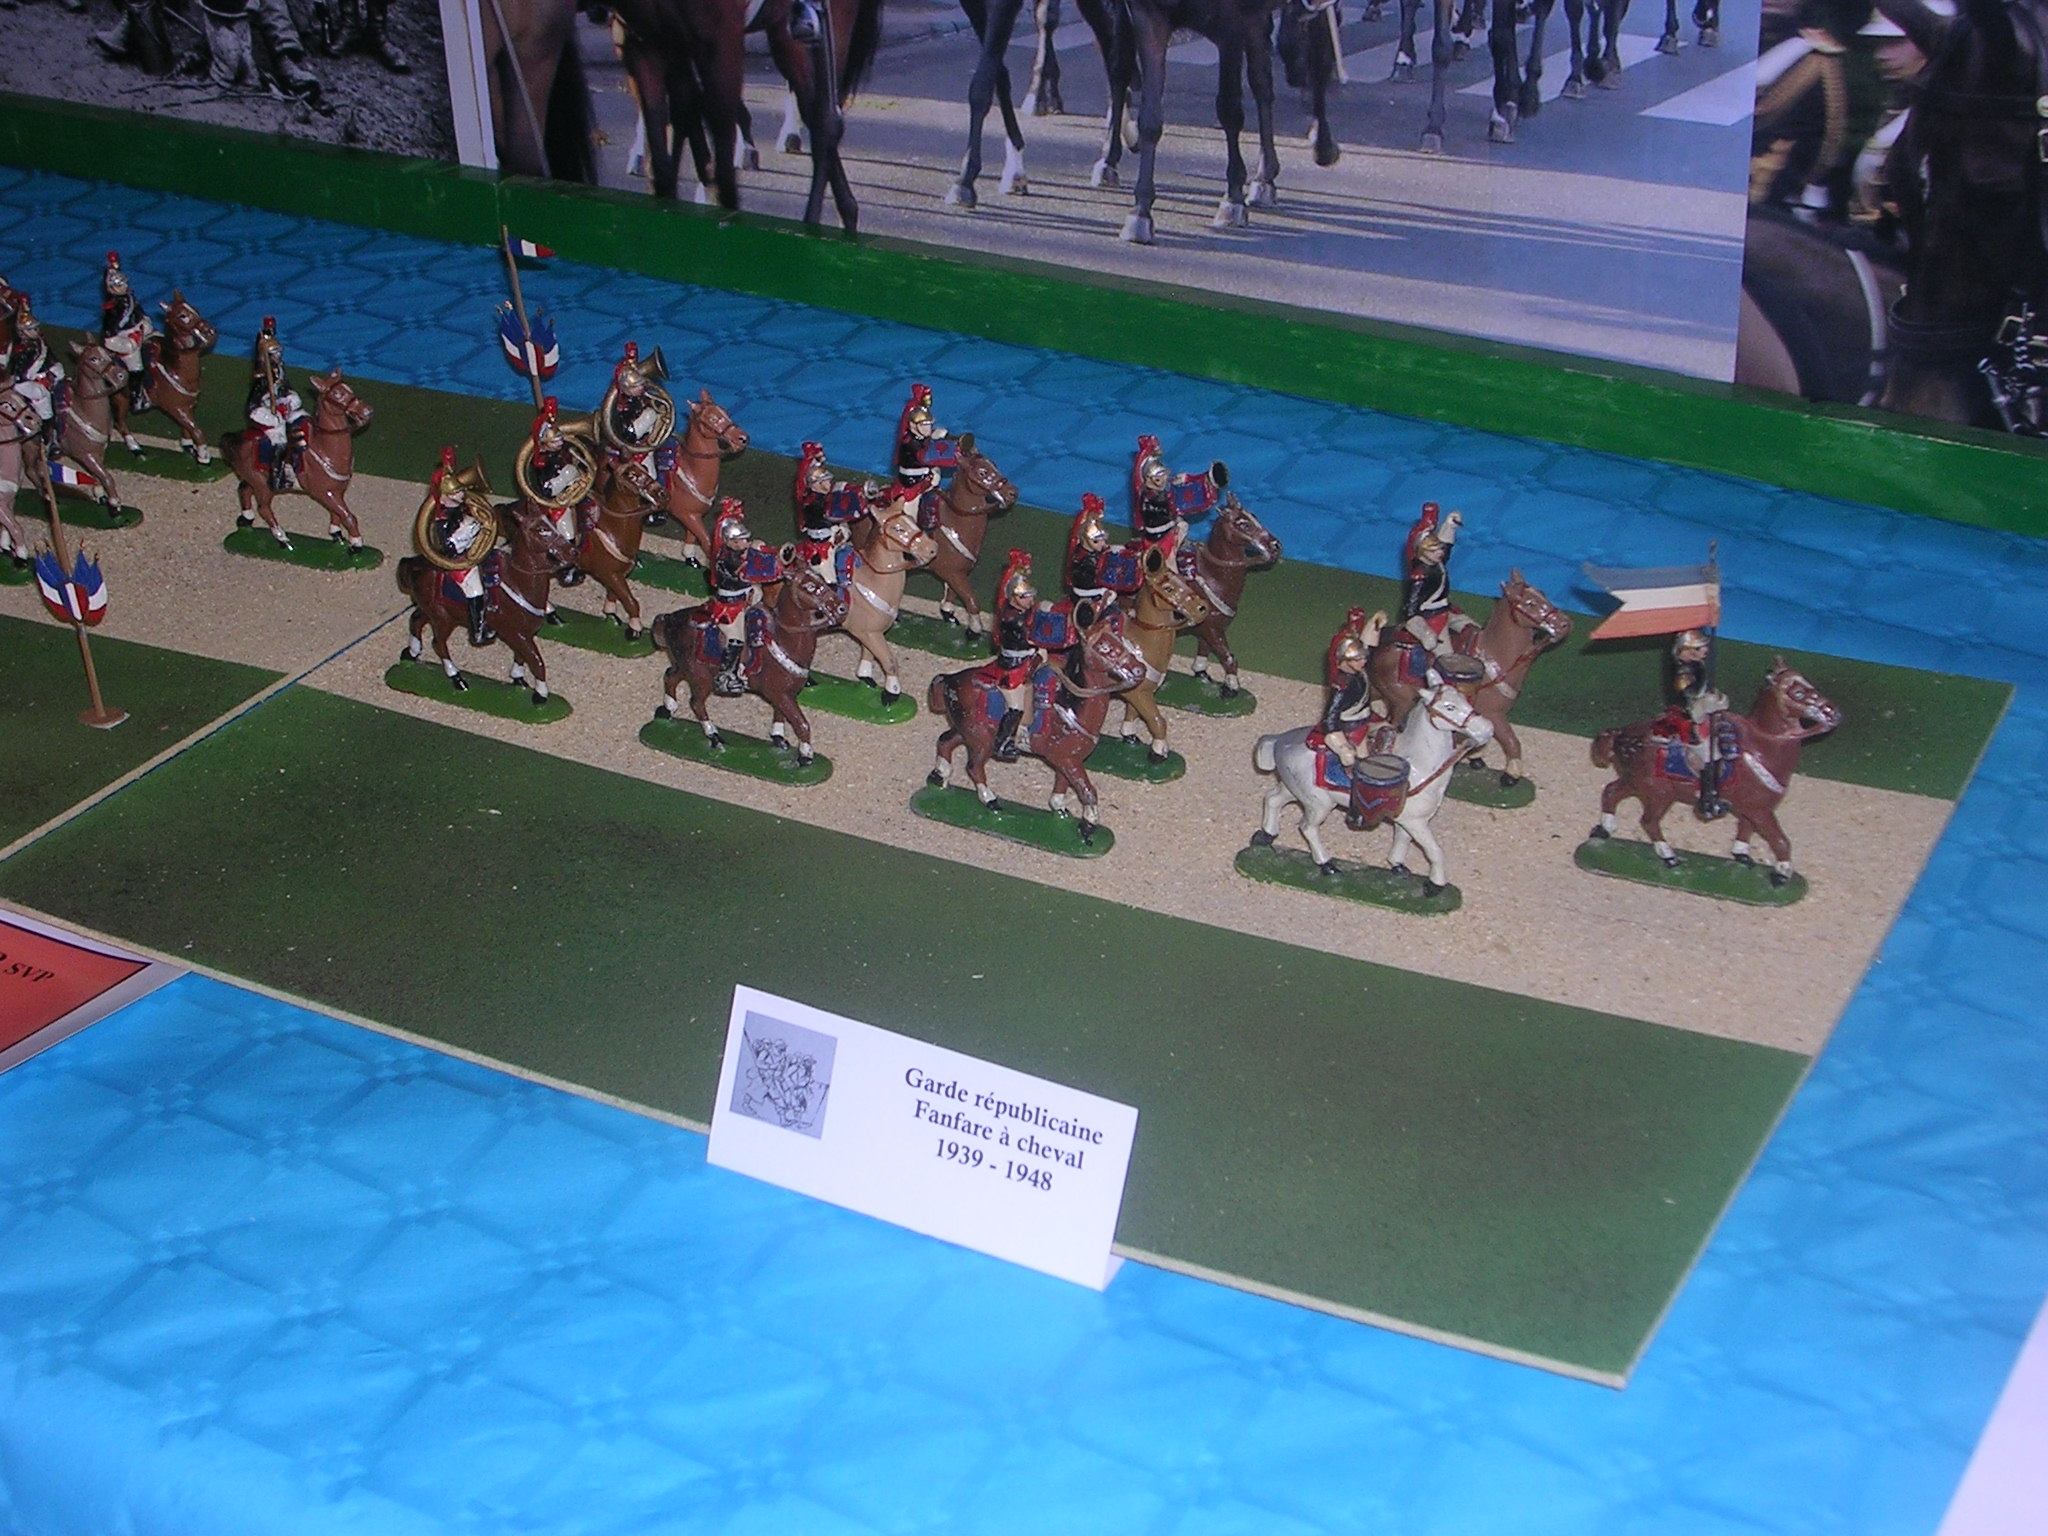 Garde républicaine fanfare à cheval